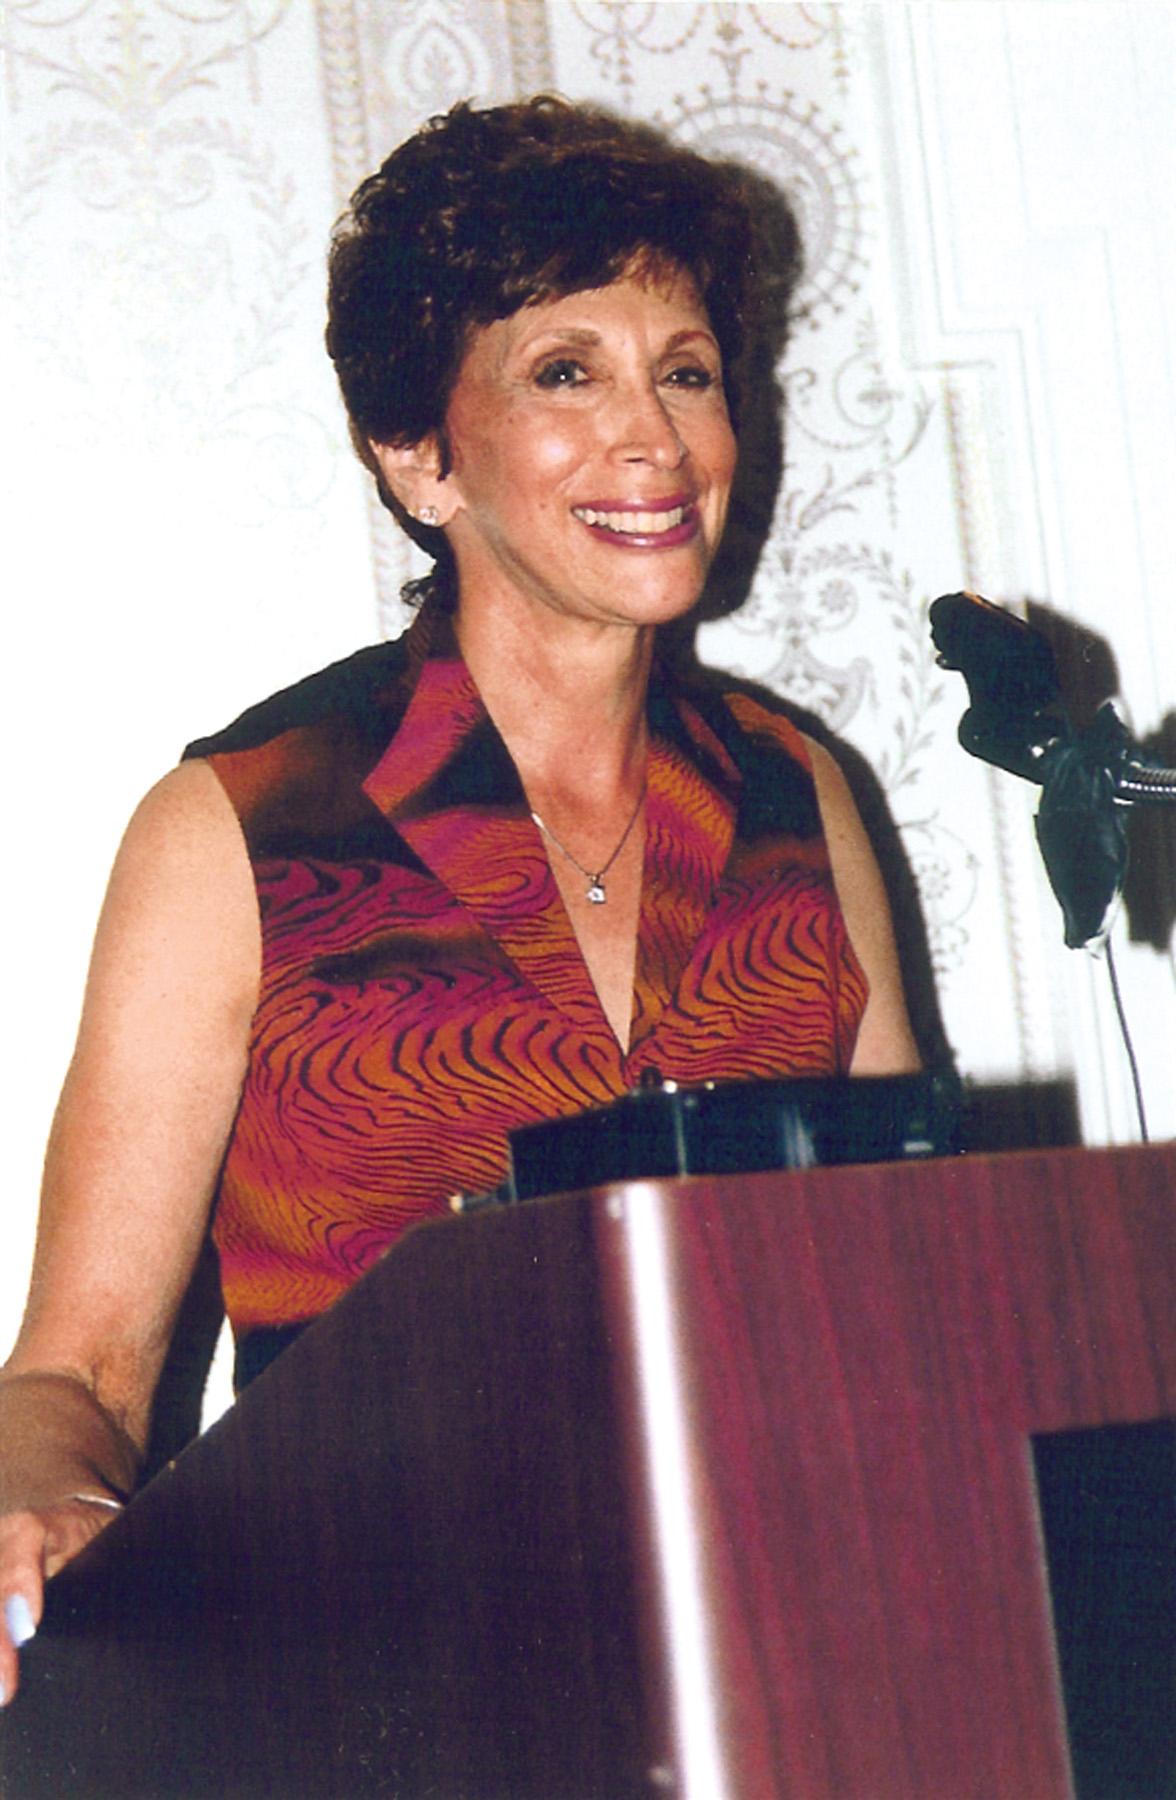 #11 The Administrator: Arlene Feldman